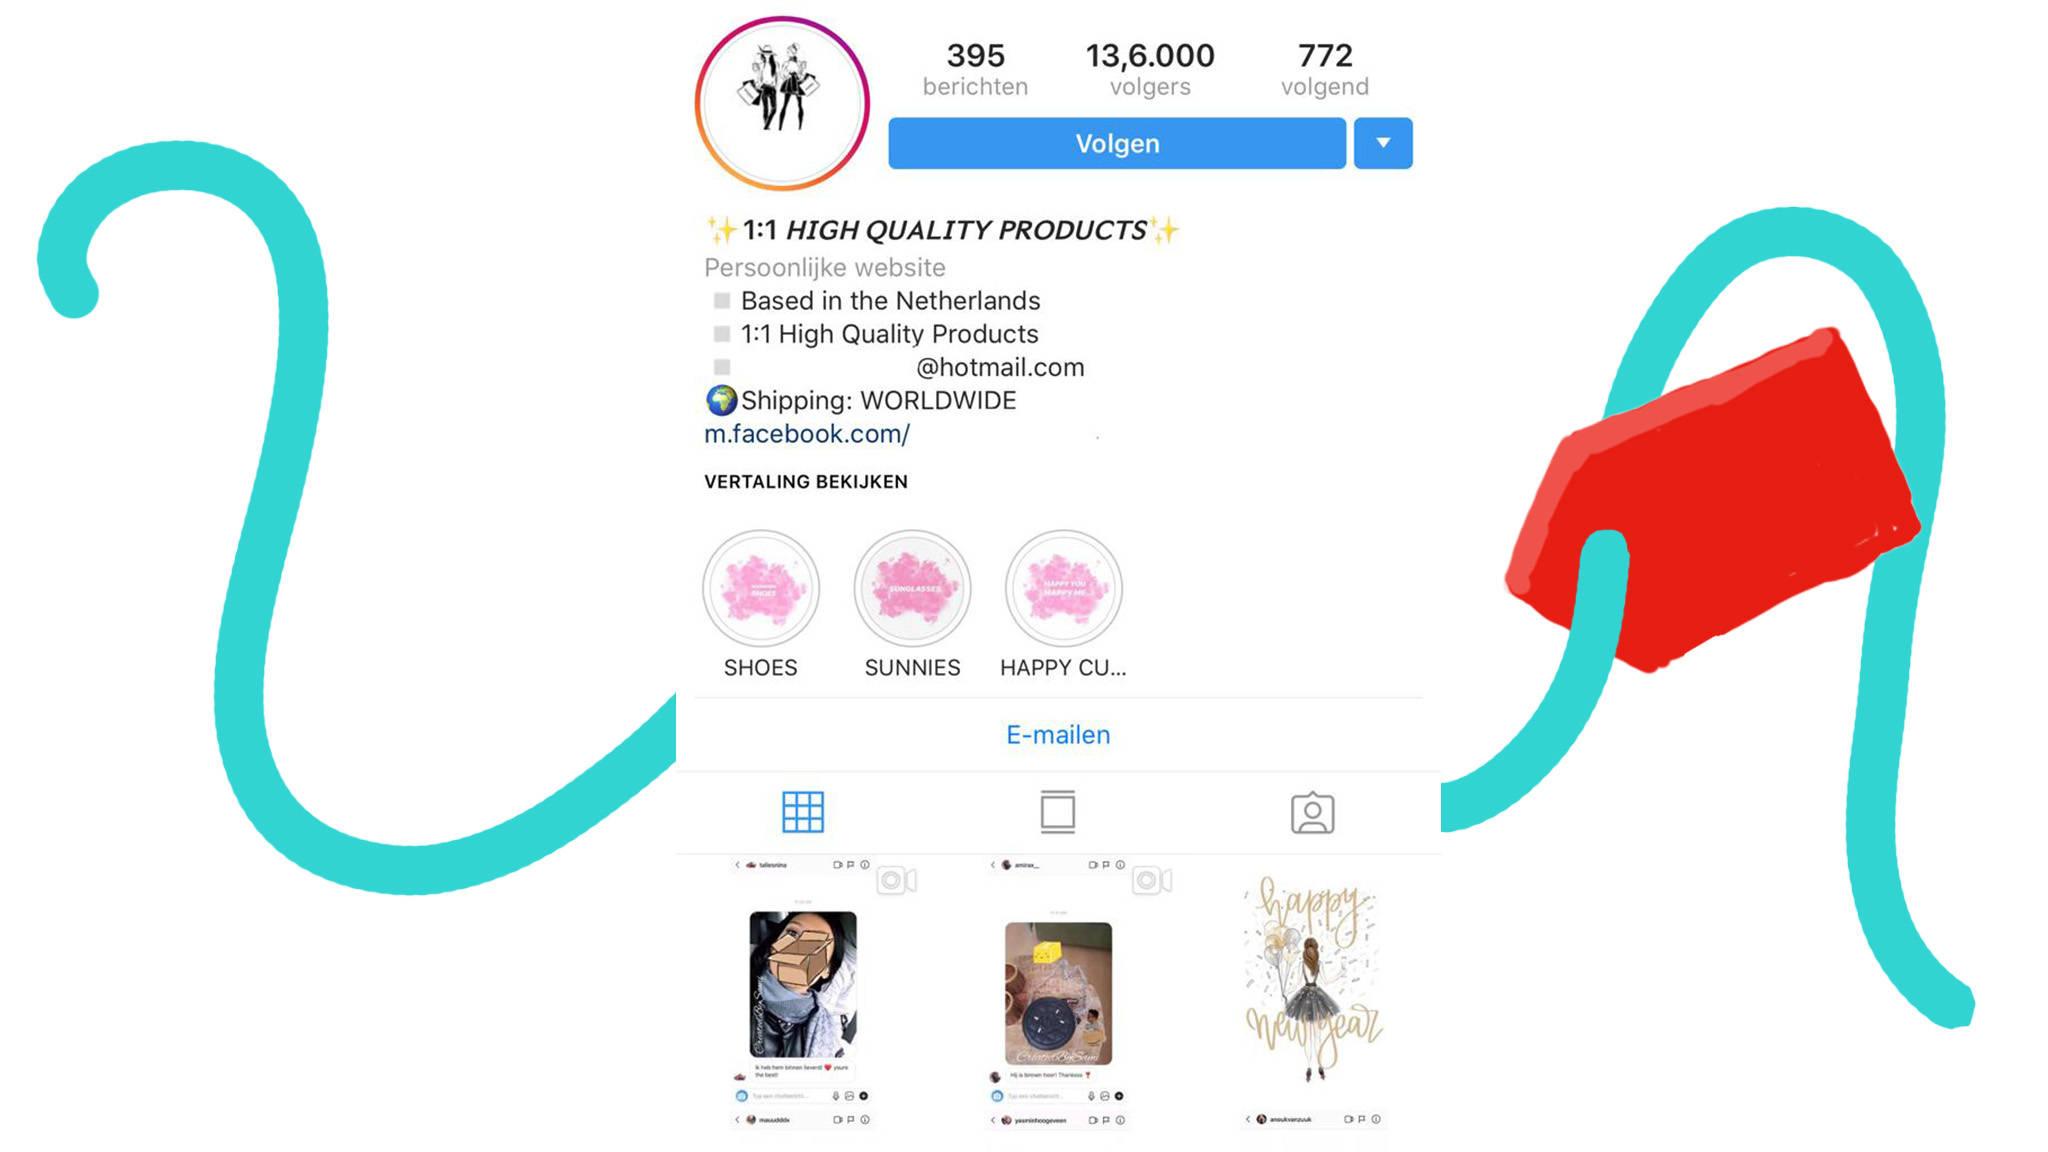 468f5c5e646 Instagram verwijdert 2000 accounts die nepmerkkleding verkopen | NOS